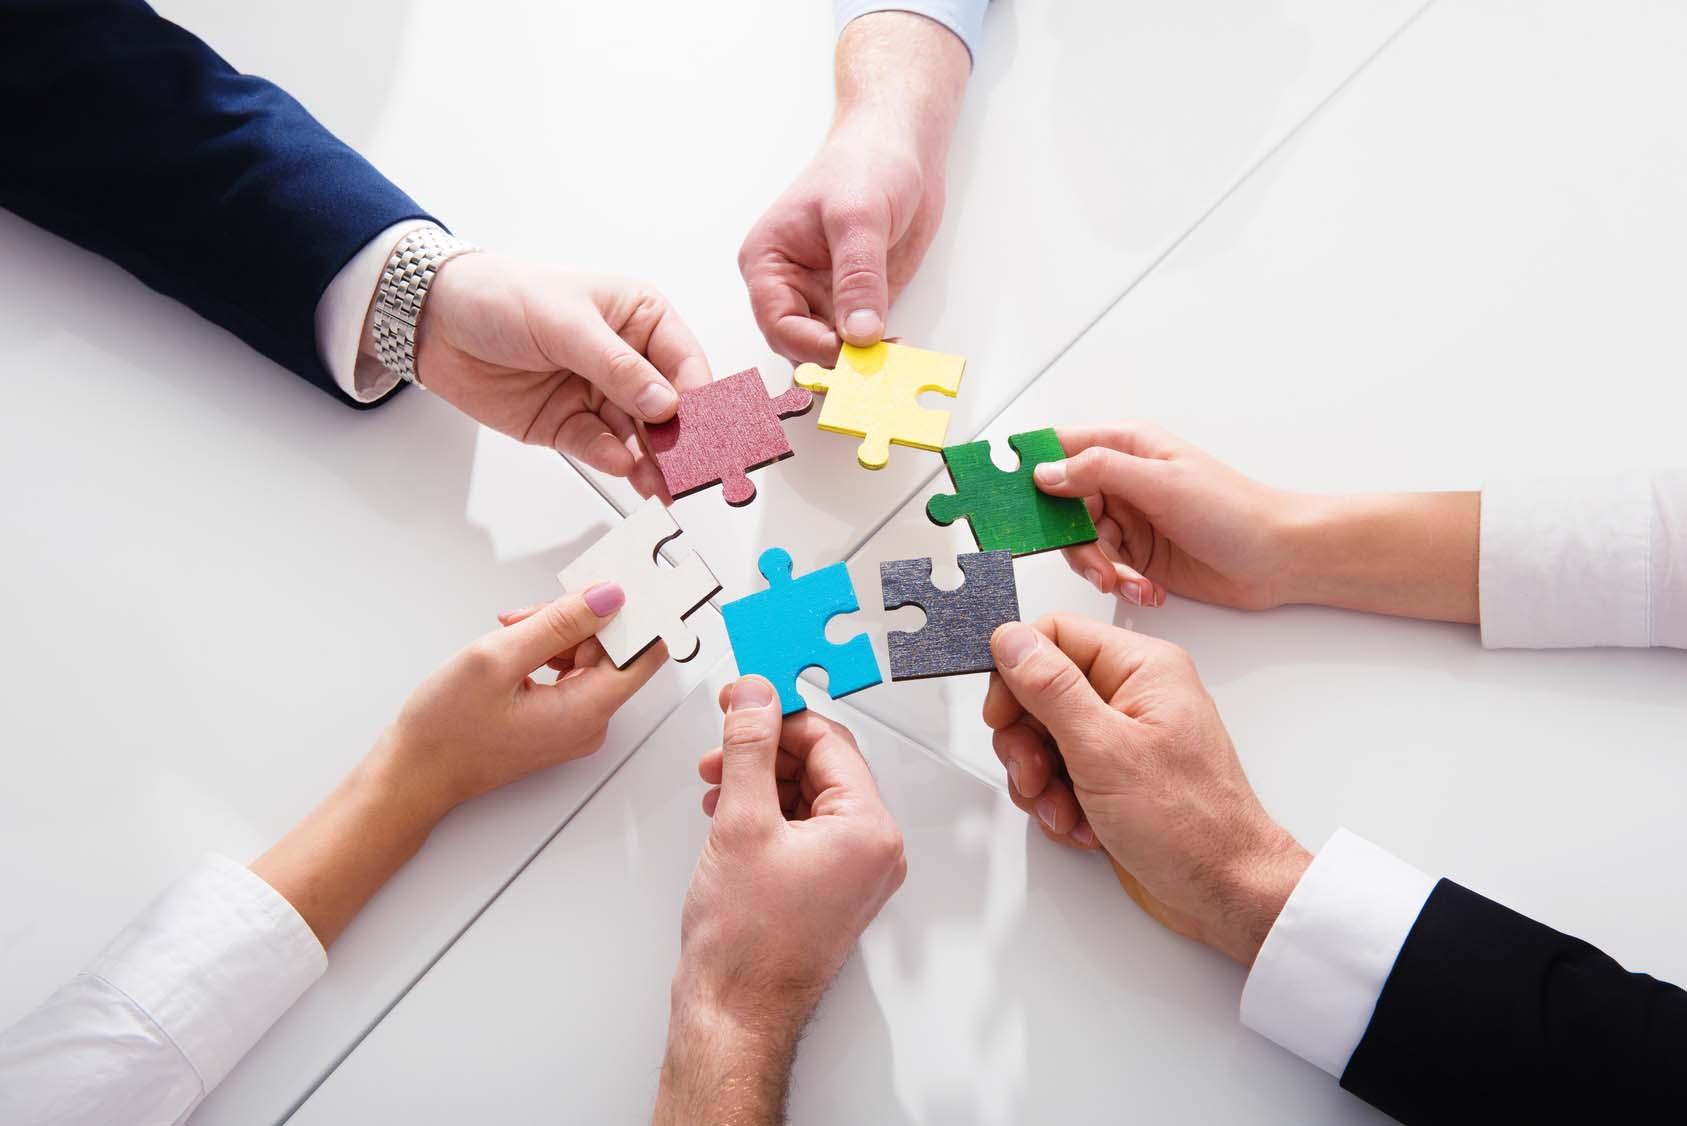 Zusammenschluss von Vereinen